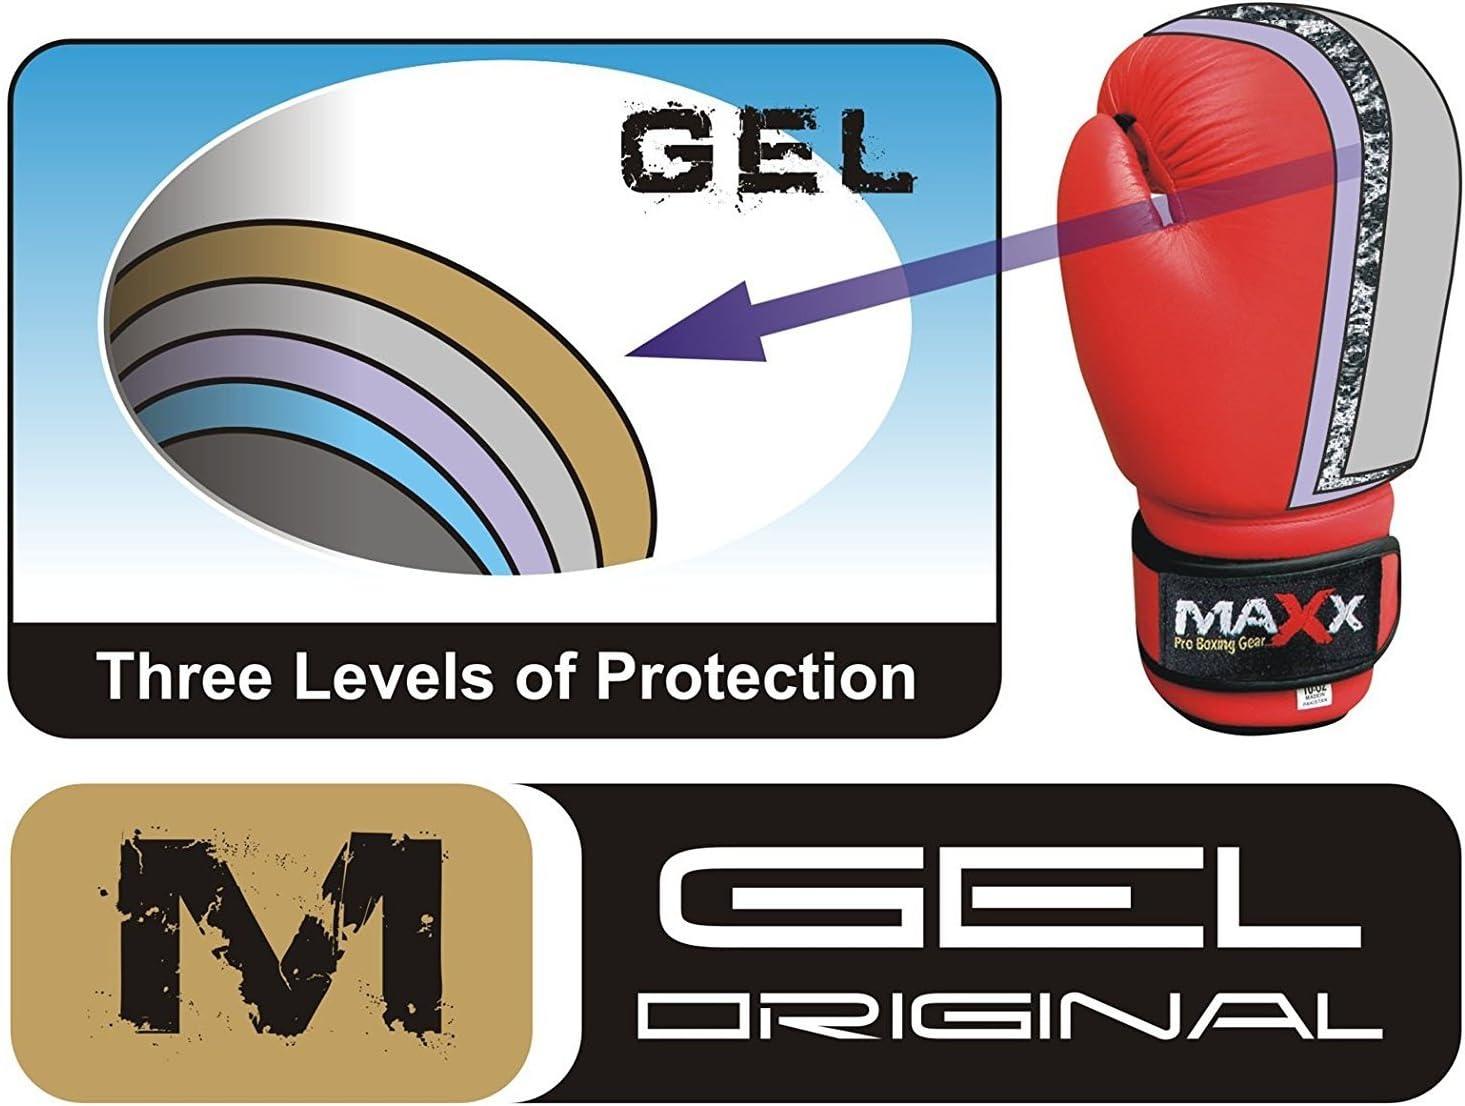 Maxx Guantes de boxeo de piel para adultos, diseño de bandera de Reino Unido, 283,5 - 453,6 gr: Amazon.es: Deportes y aire libre